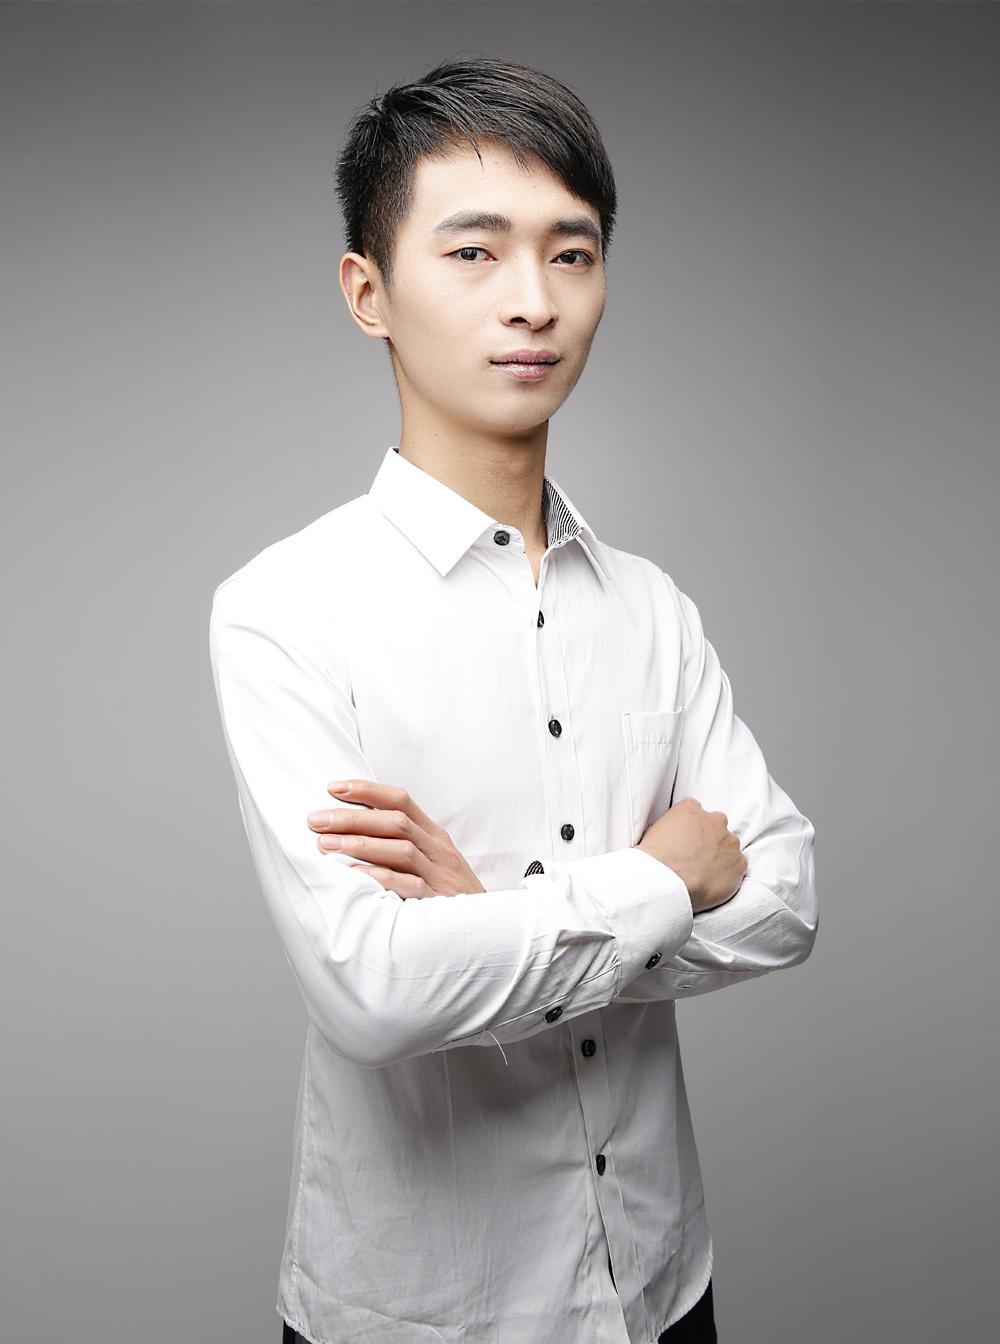 张冬伟(工艺老师)